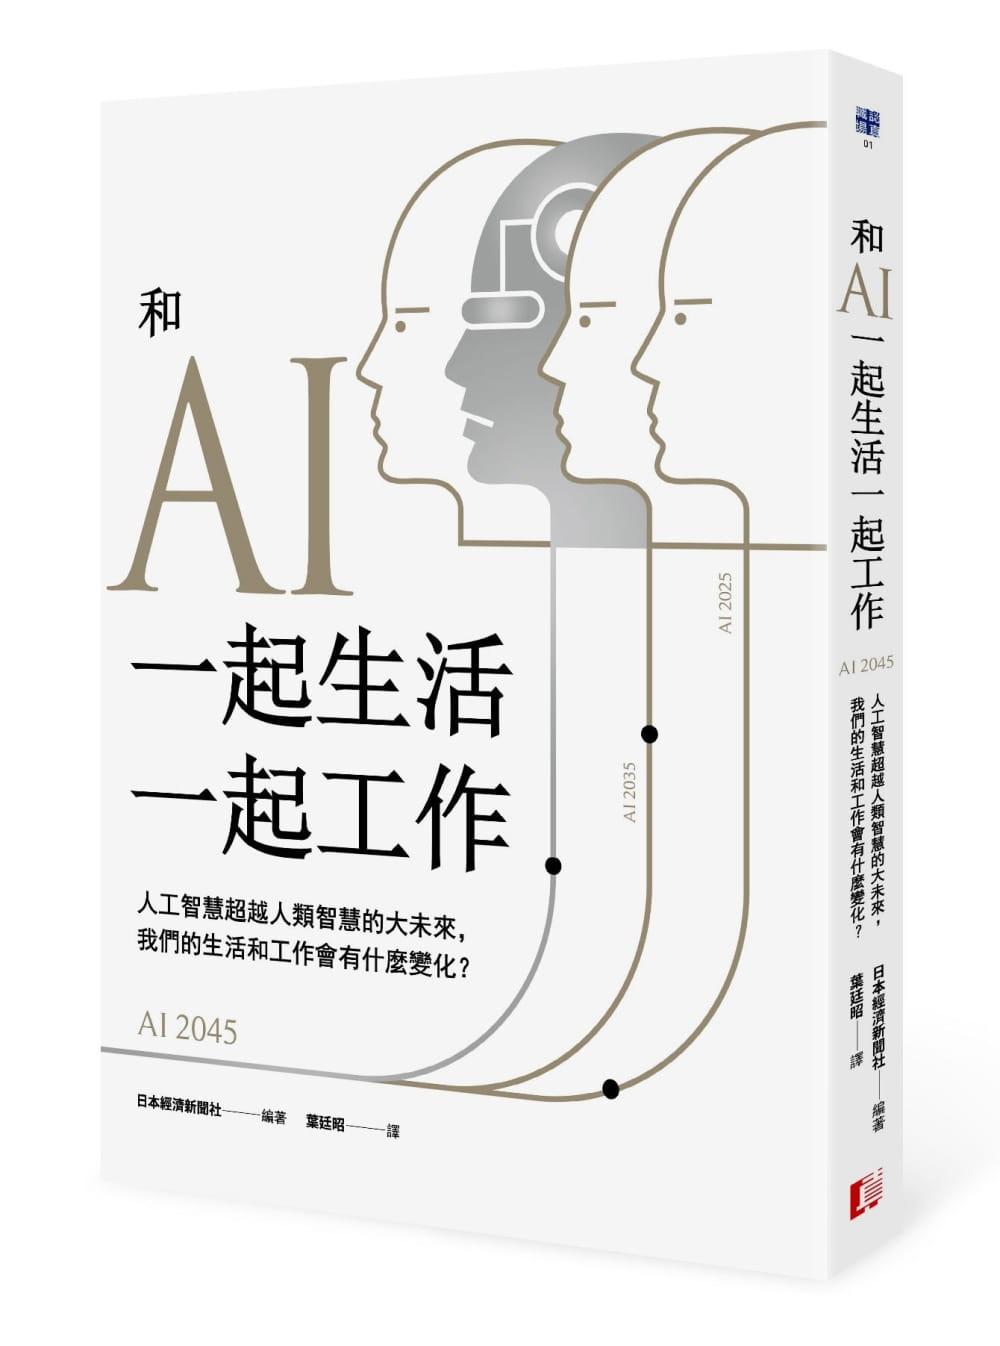 人工智慧超越人類智慧的大未來, 我們的生活和工作會有什麼變化? 封面